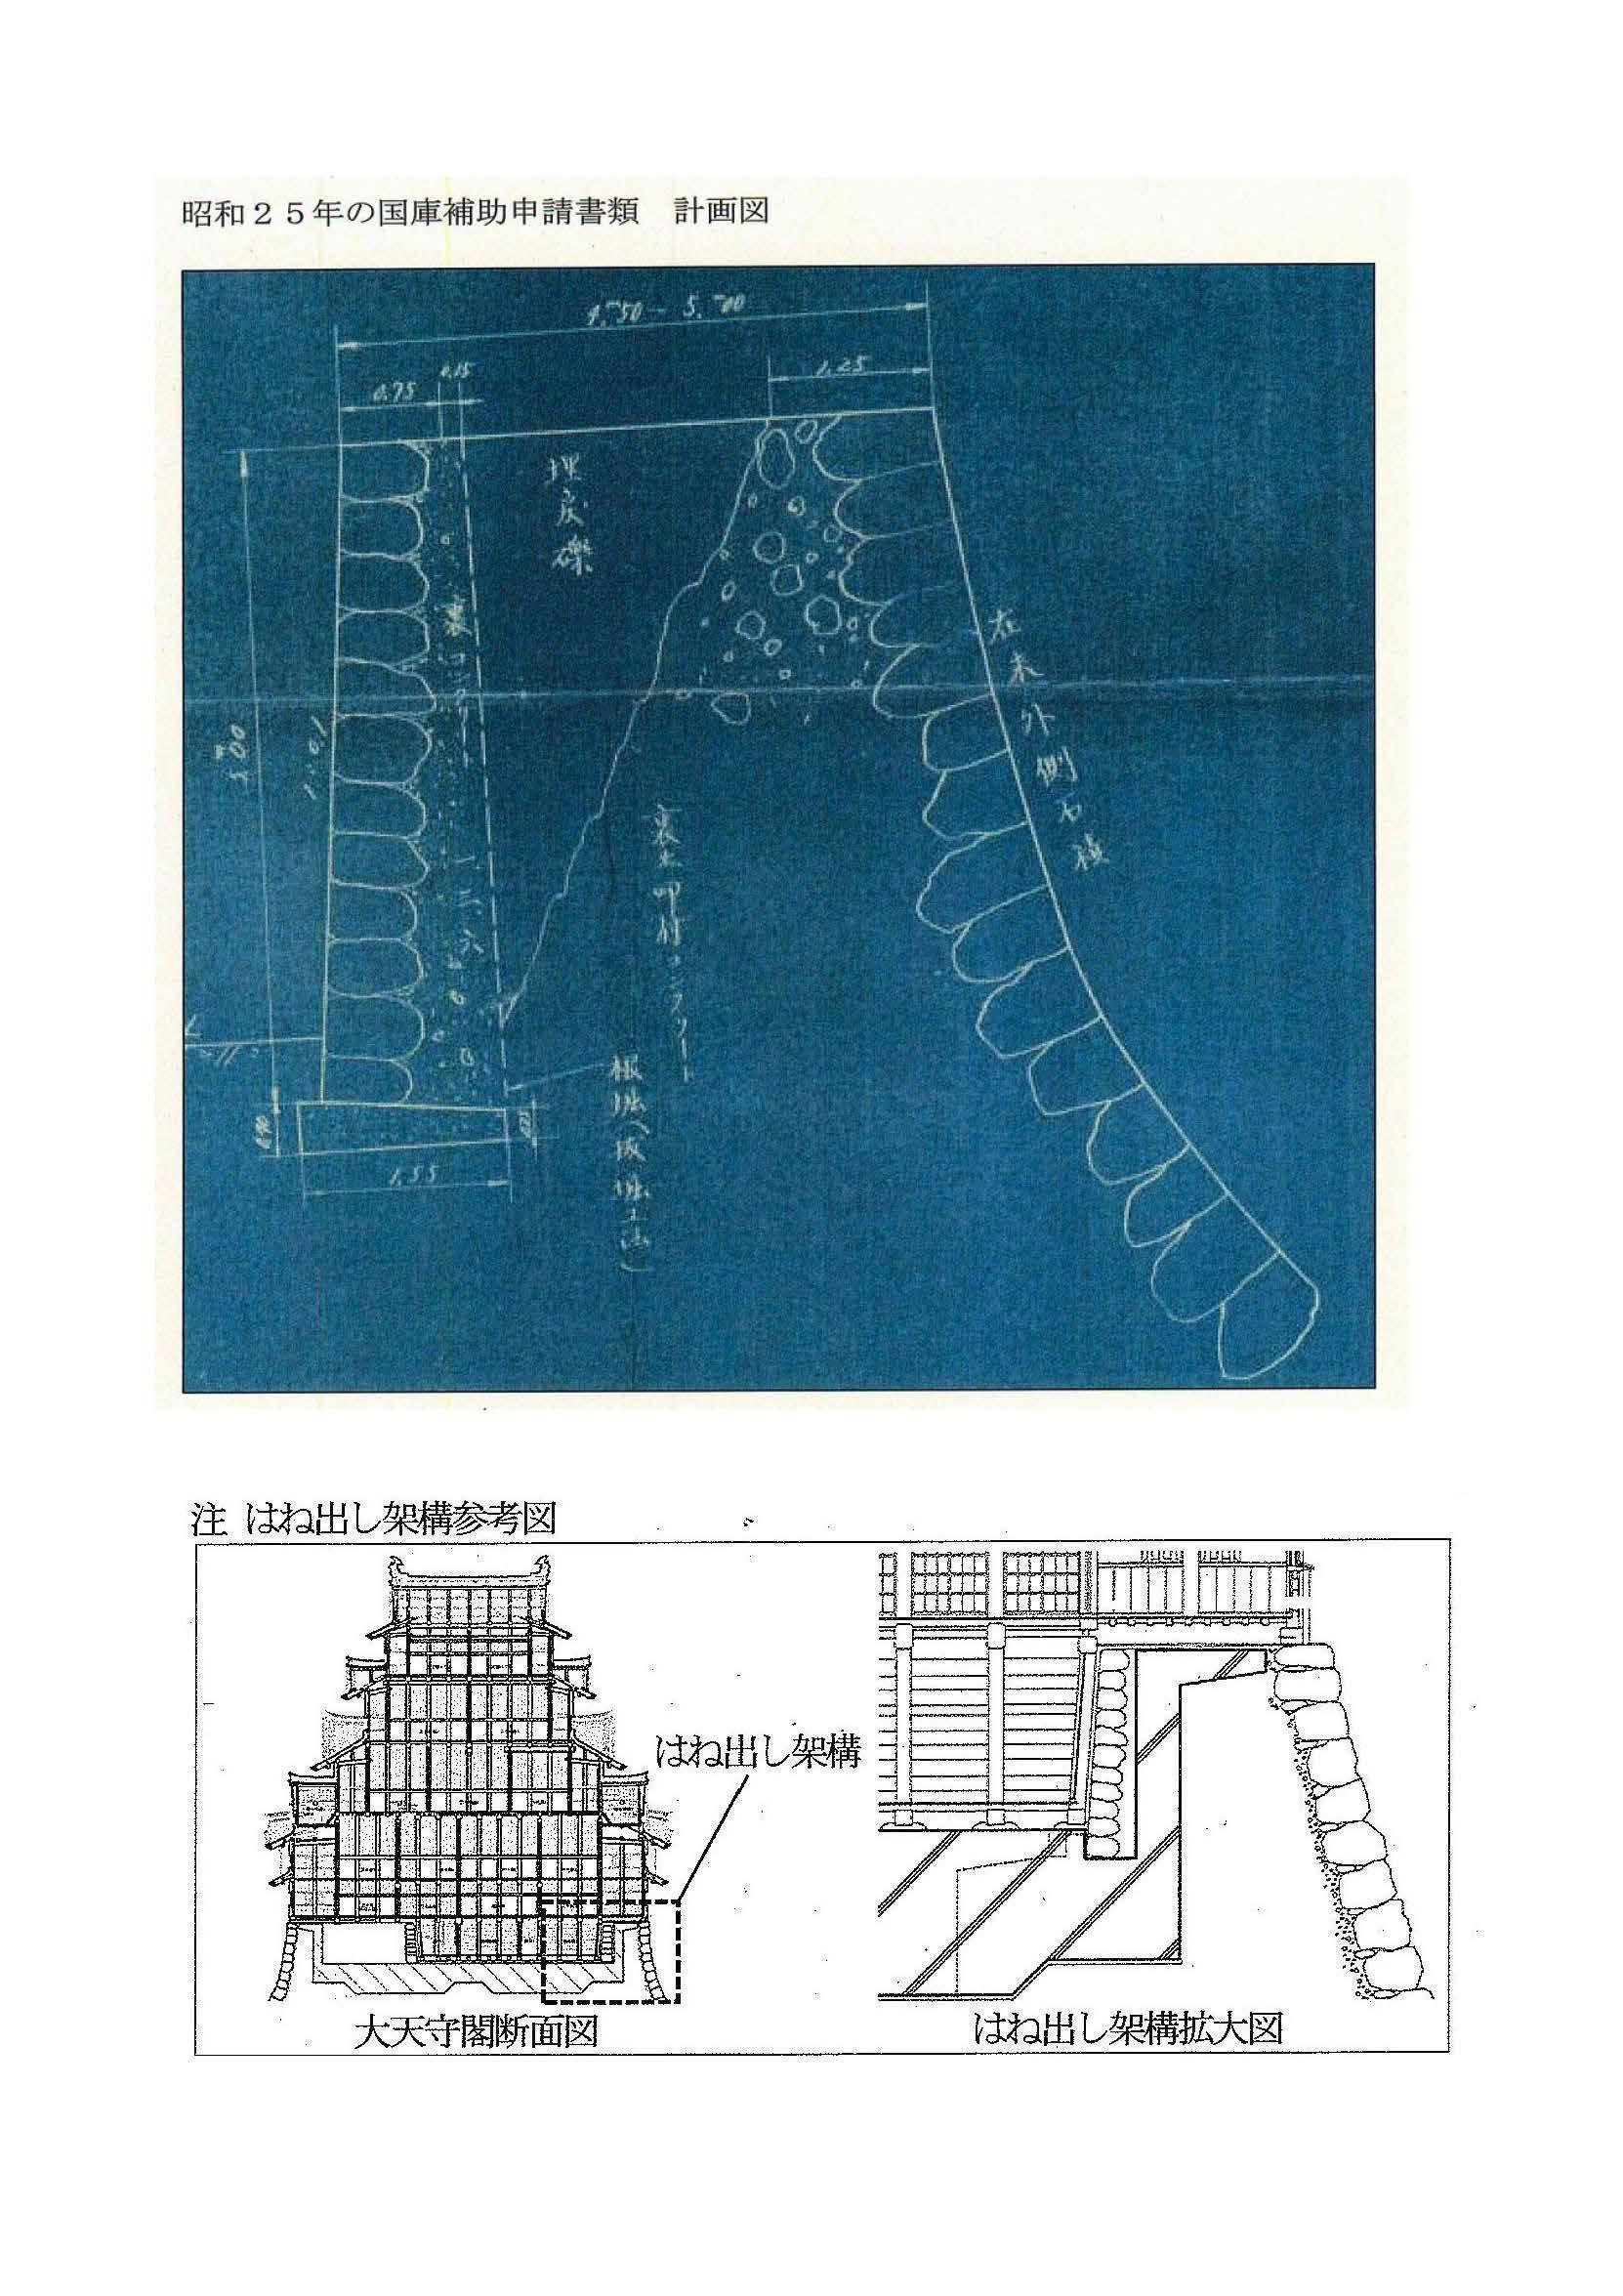 名古屋城木造化 竹中工務店「耐震性と史跡の保護を両立させた案は可能と考える」_d0011701_22013605.jpg